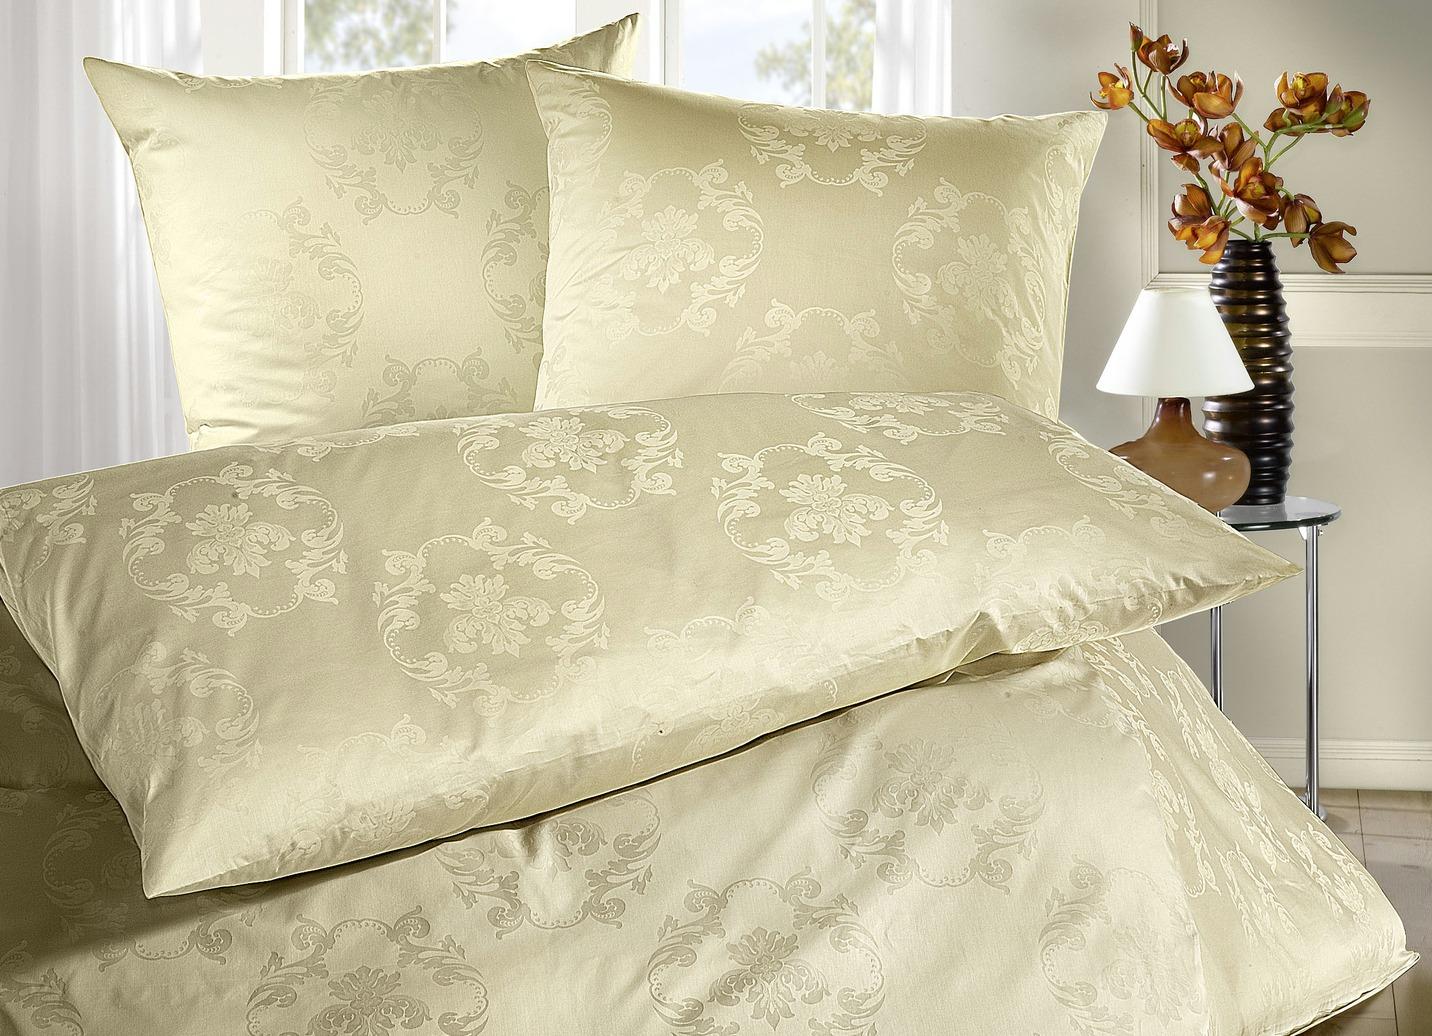 bauer bettw sche garnitur in verschiedenen farben. Black Bedroom Furniture Sets. Home Design Ideas